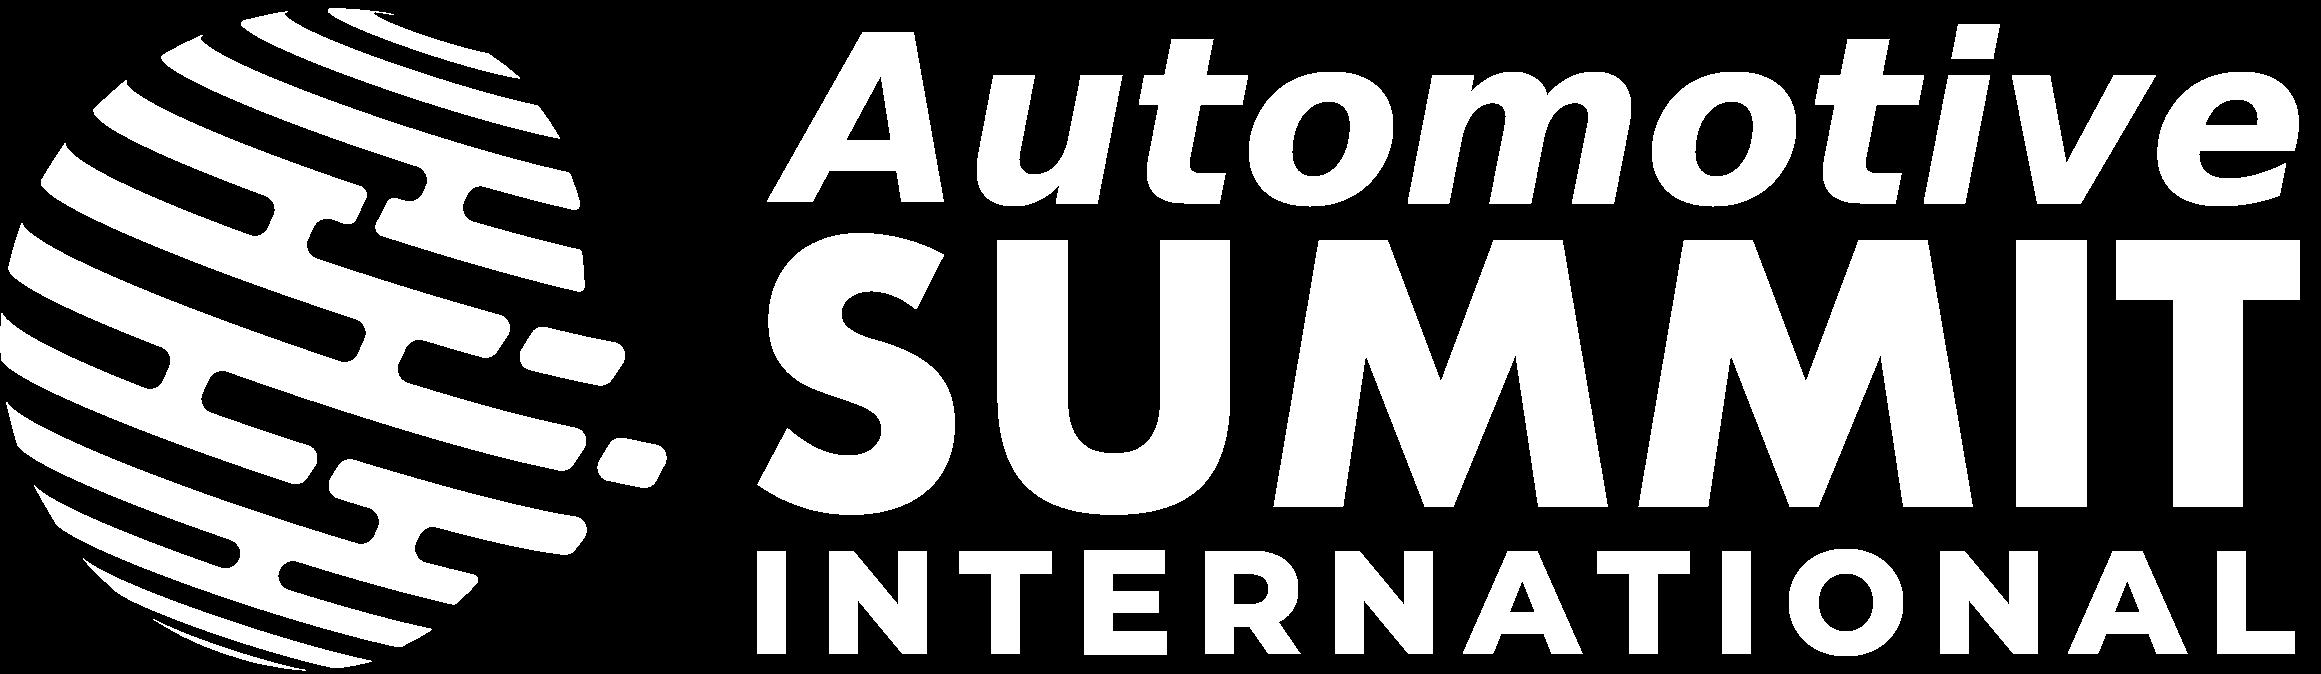 Automotive Summit